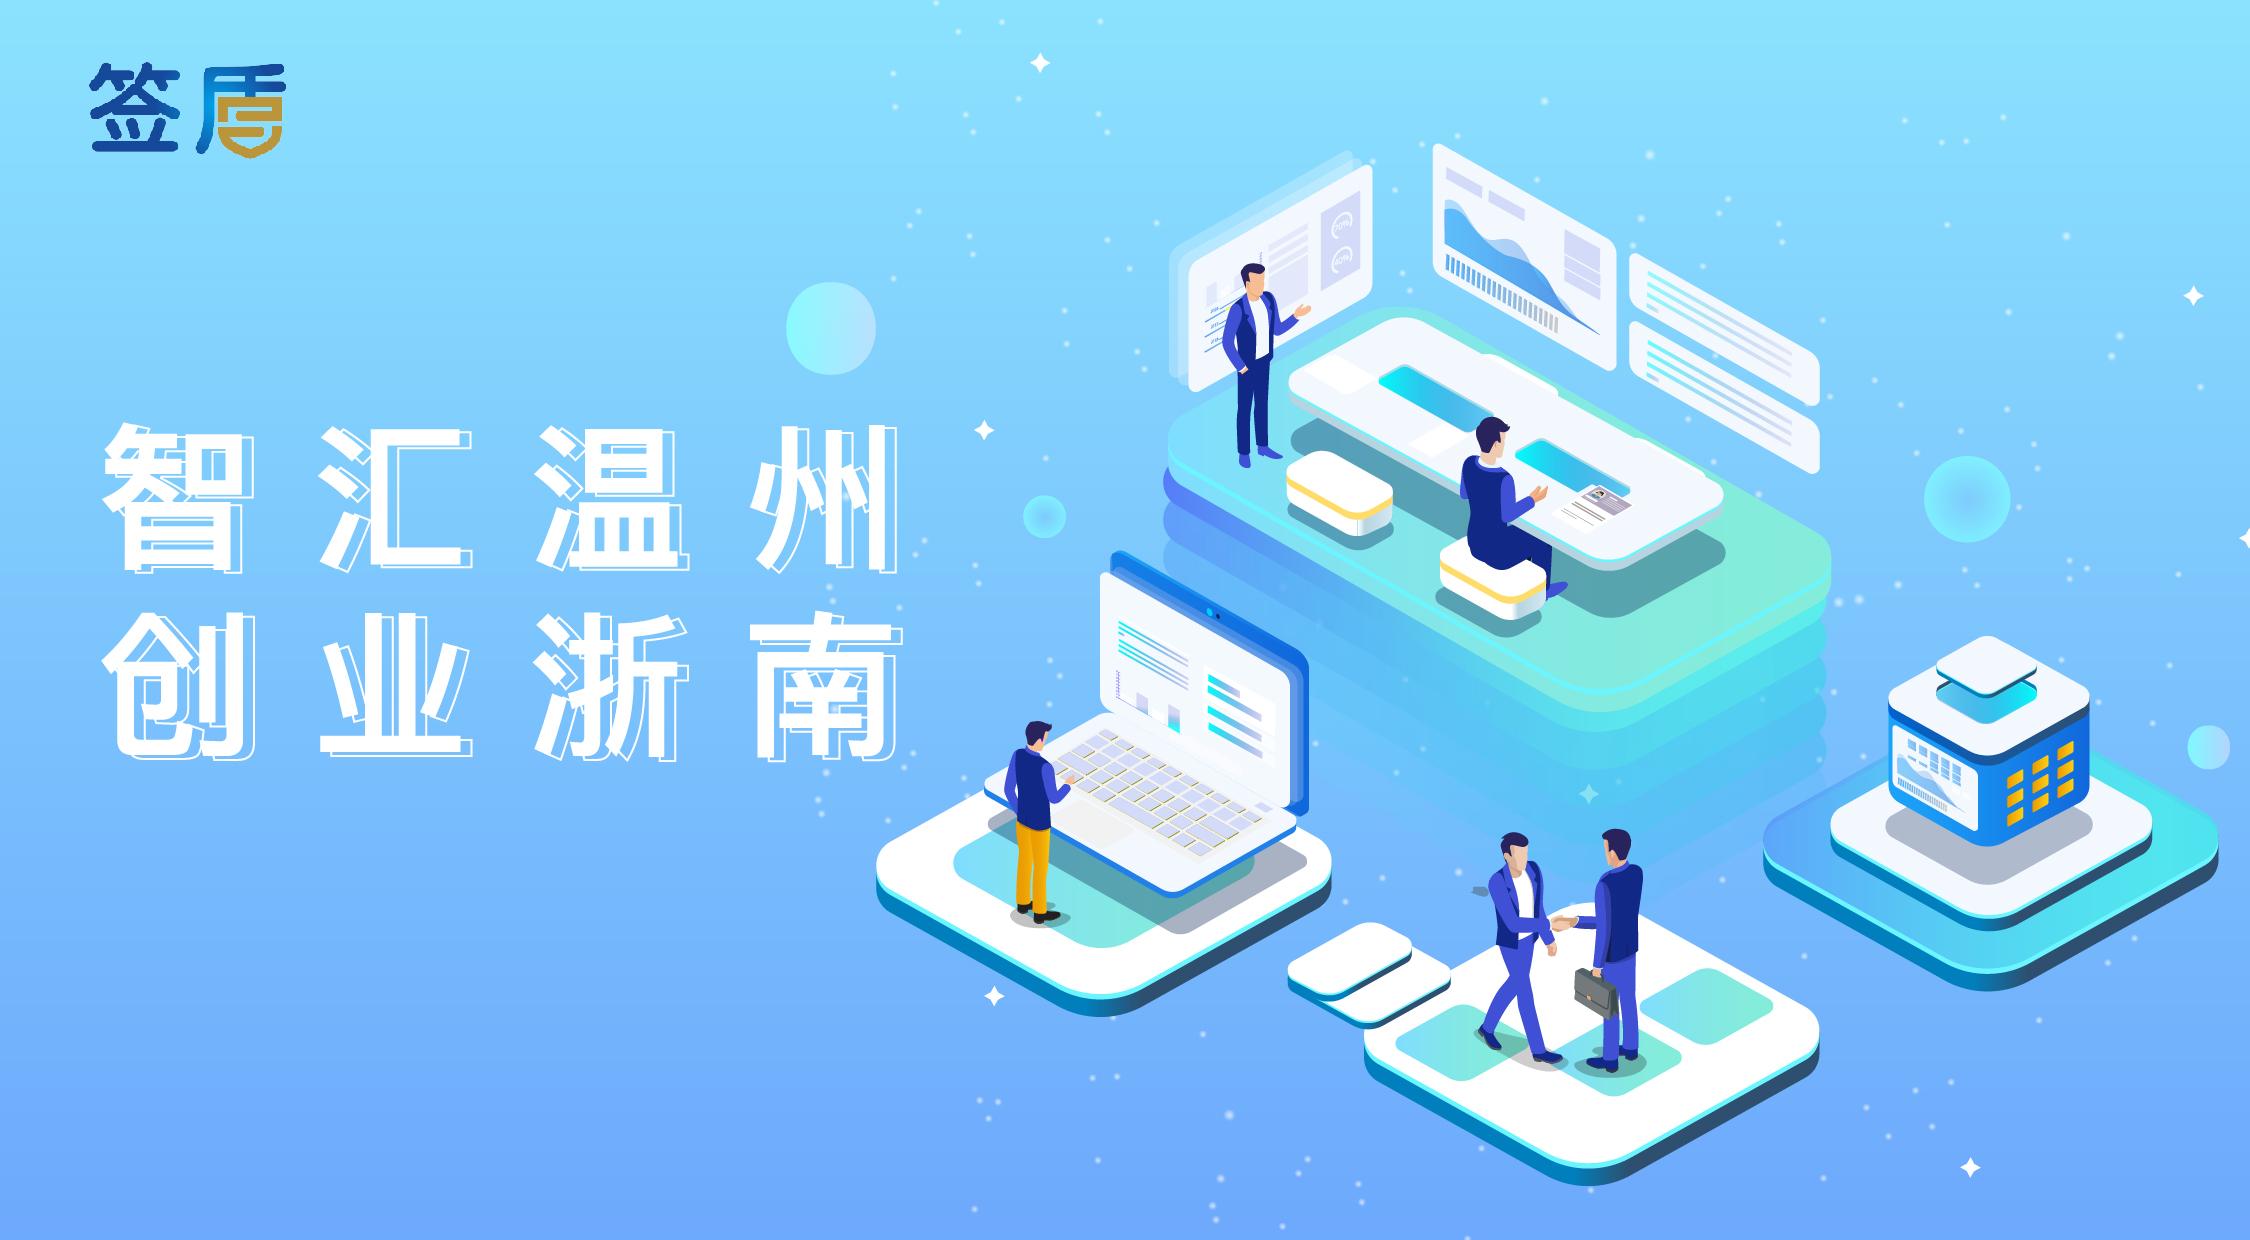 """签盾亮相""""智汇温州创业浙南""""高峰论坛,区块链电子合同成为焦点"""